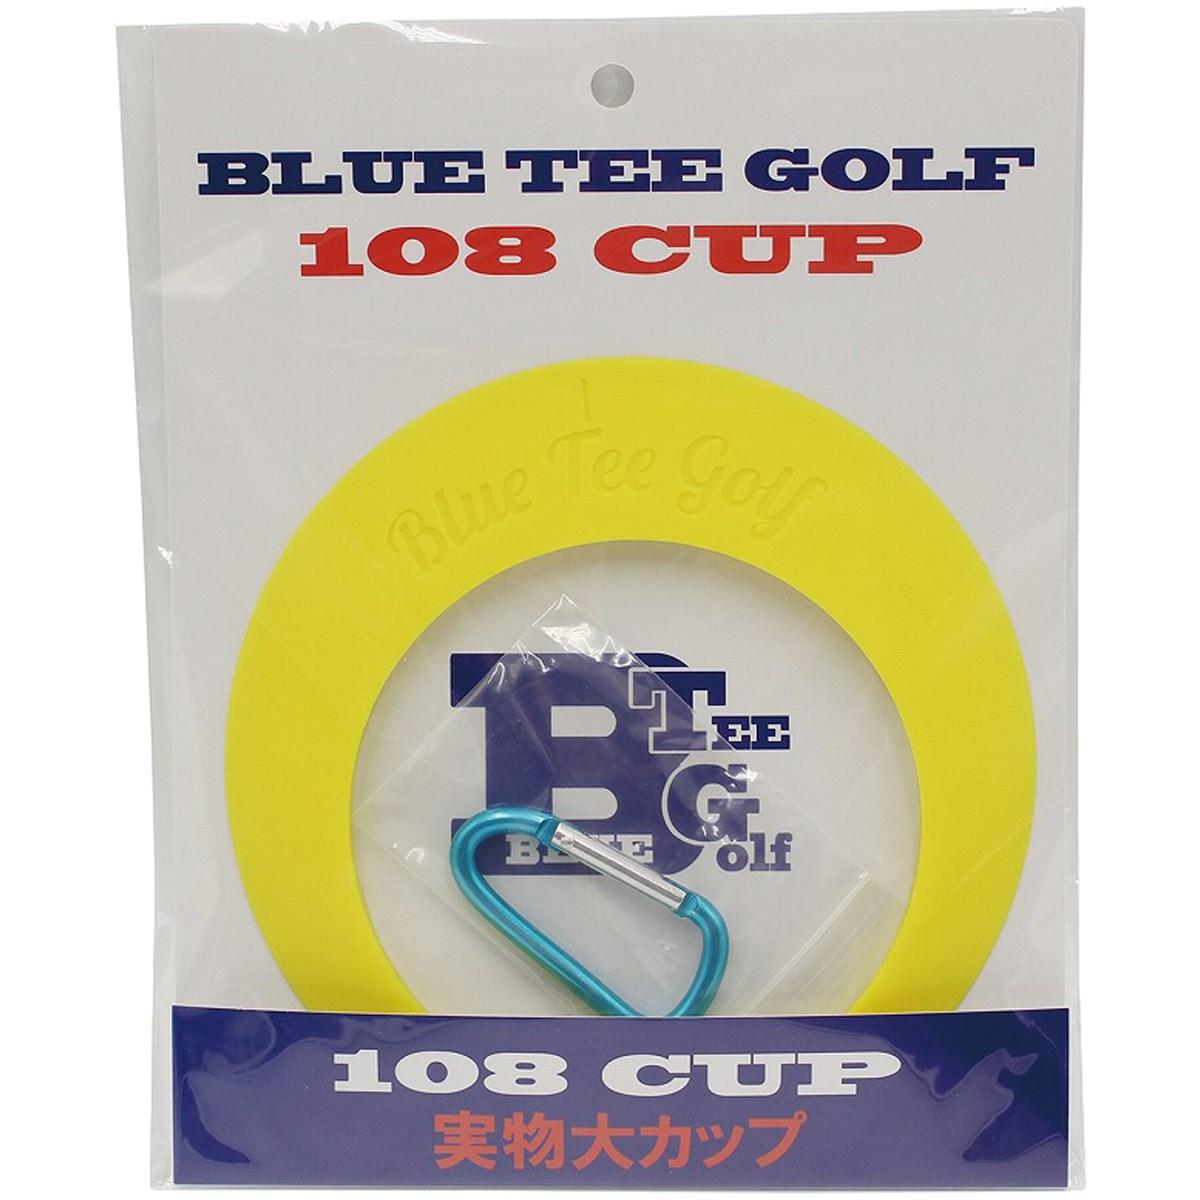 ブルーティーゴルフ BLUE TEE GOLF 108 カップ イエロー